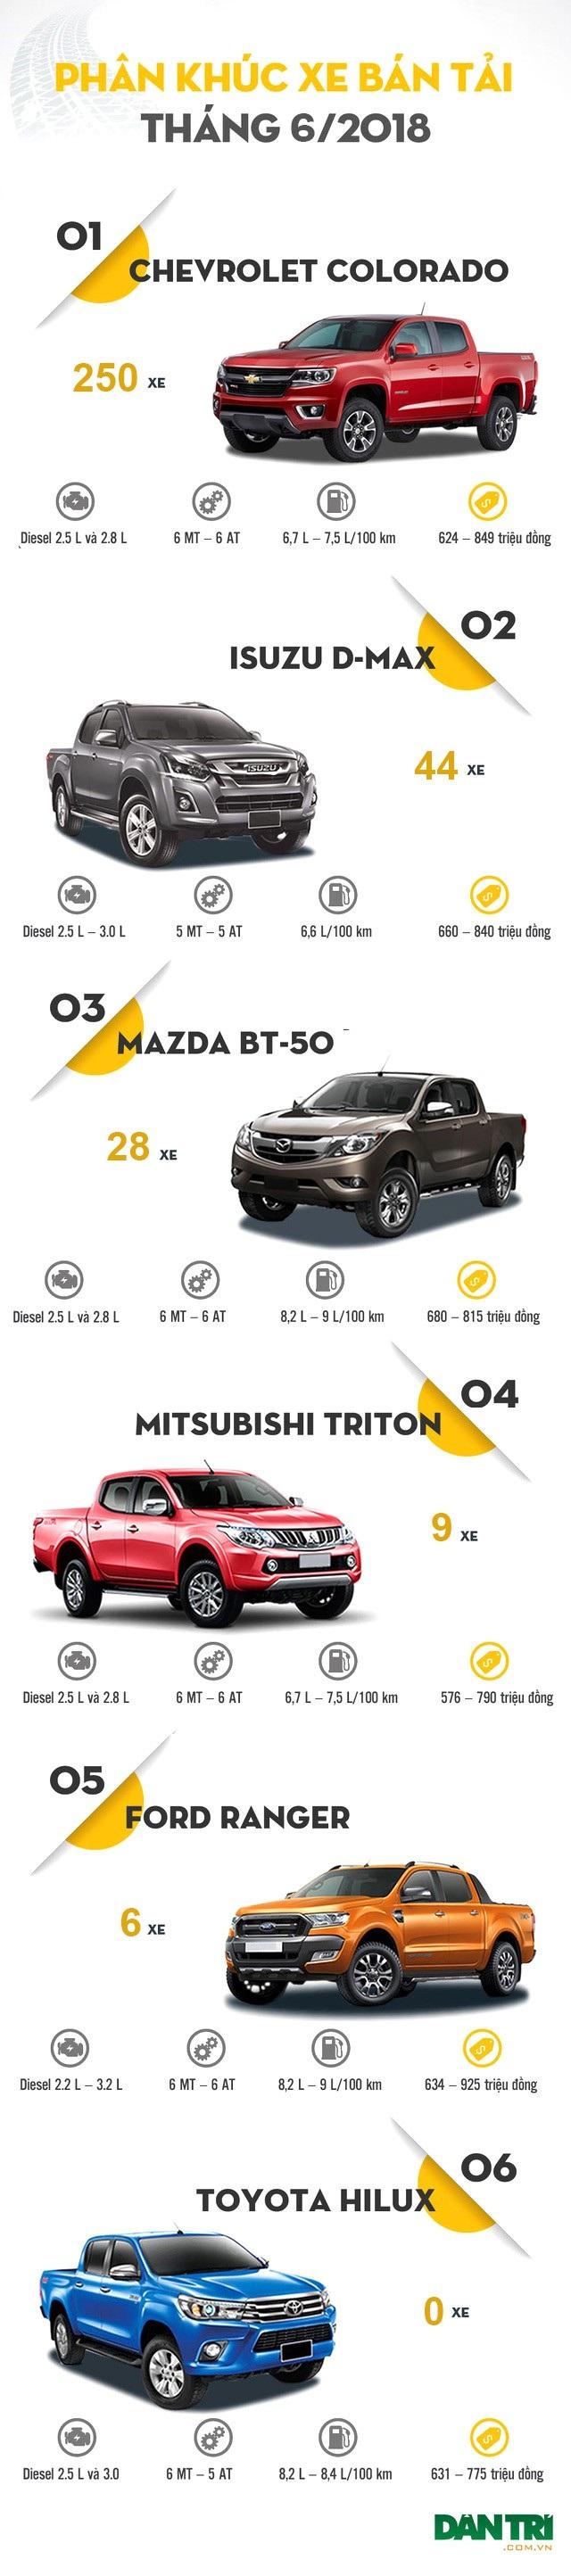 (*) Do nhà phân phối chính thức Nissan tại Việt Nam không tiết lộ thông tin về Navara, nên hiện mẫu xe này không có tên trong bảng tổng kết trên. Đến thời điểm này, Nissan cũng chưa hoàn thiện thủ tục thông quan cho các mẫu Navara vào Việt Nam.